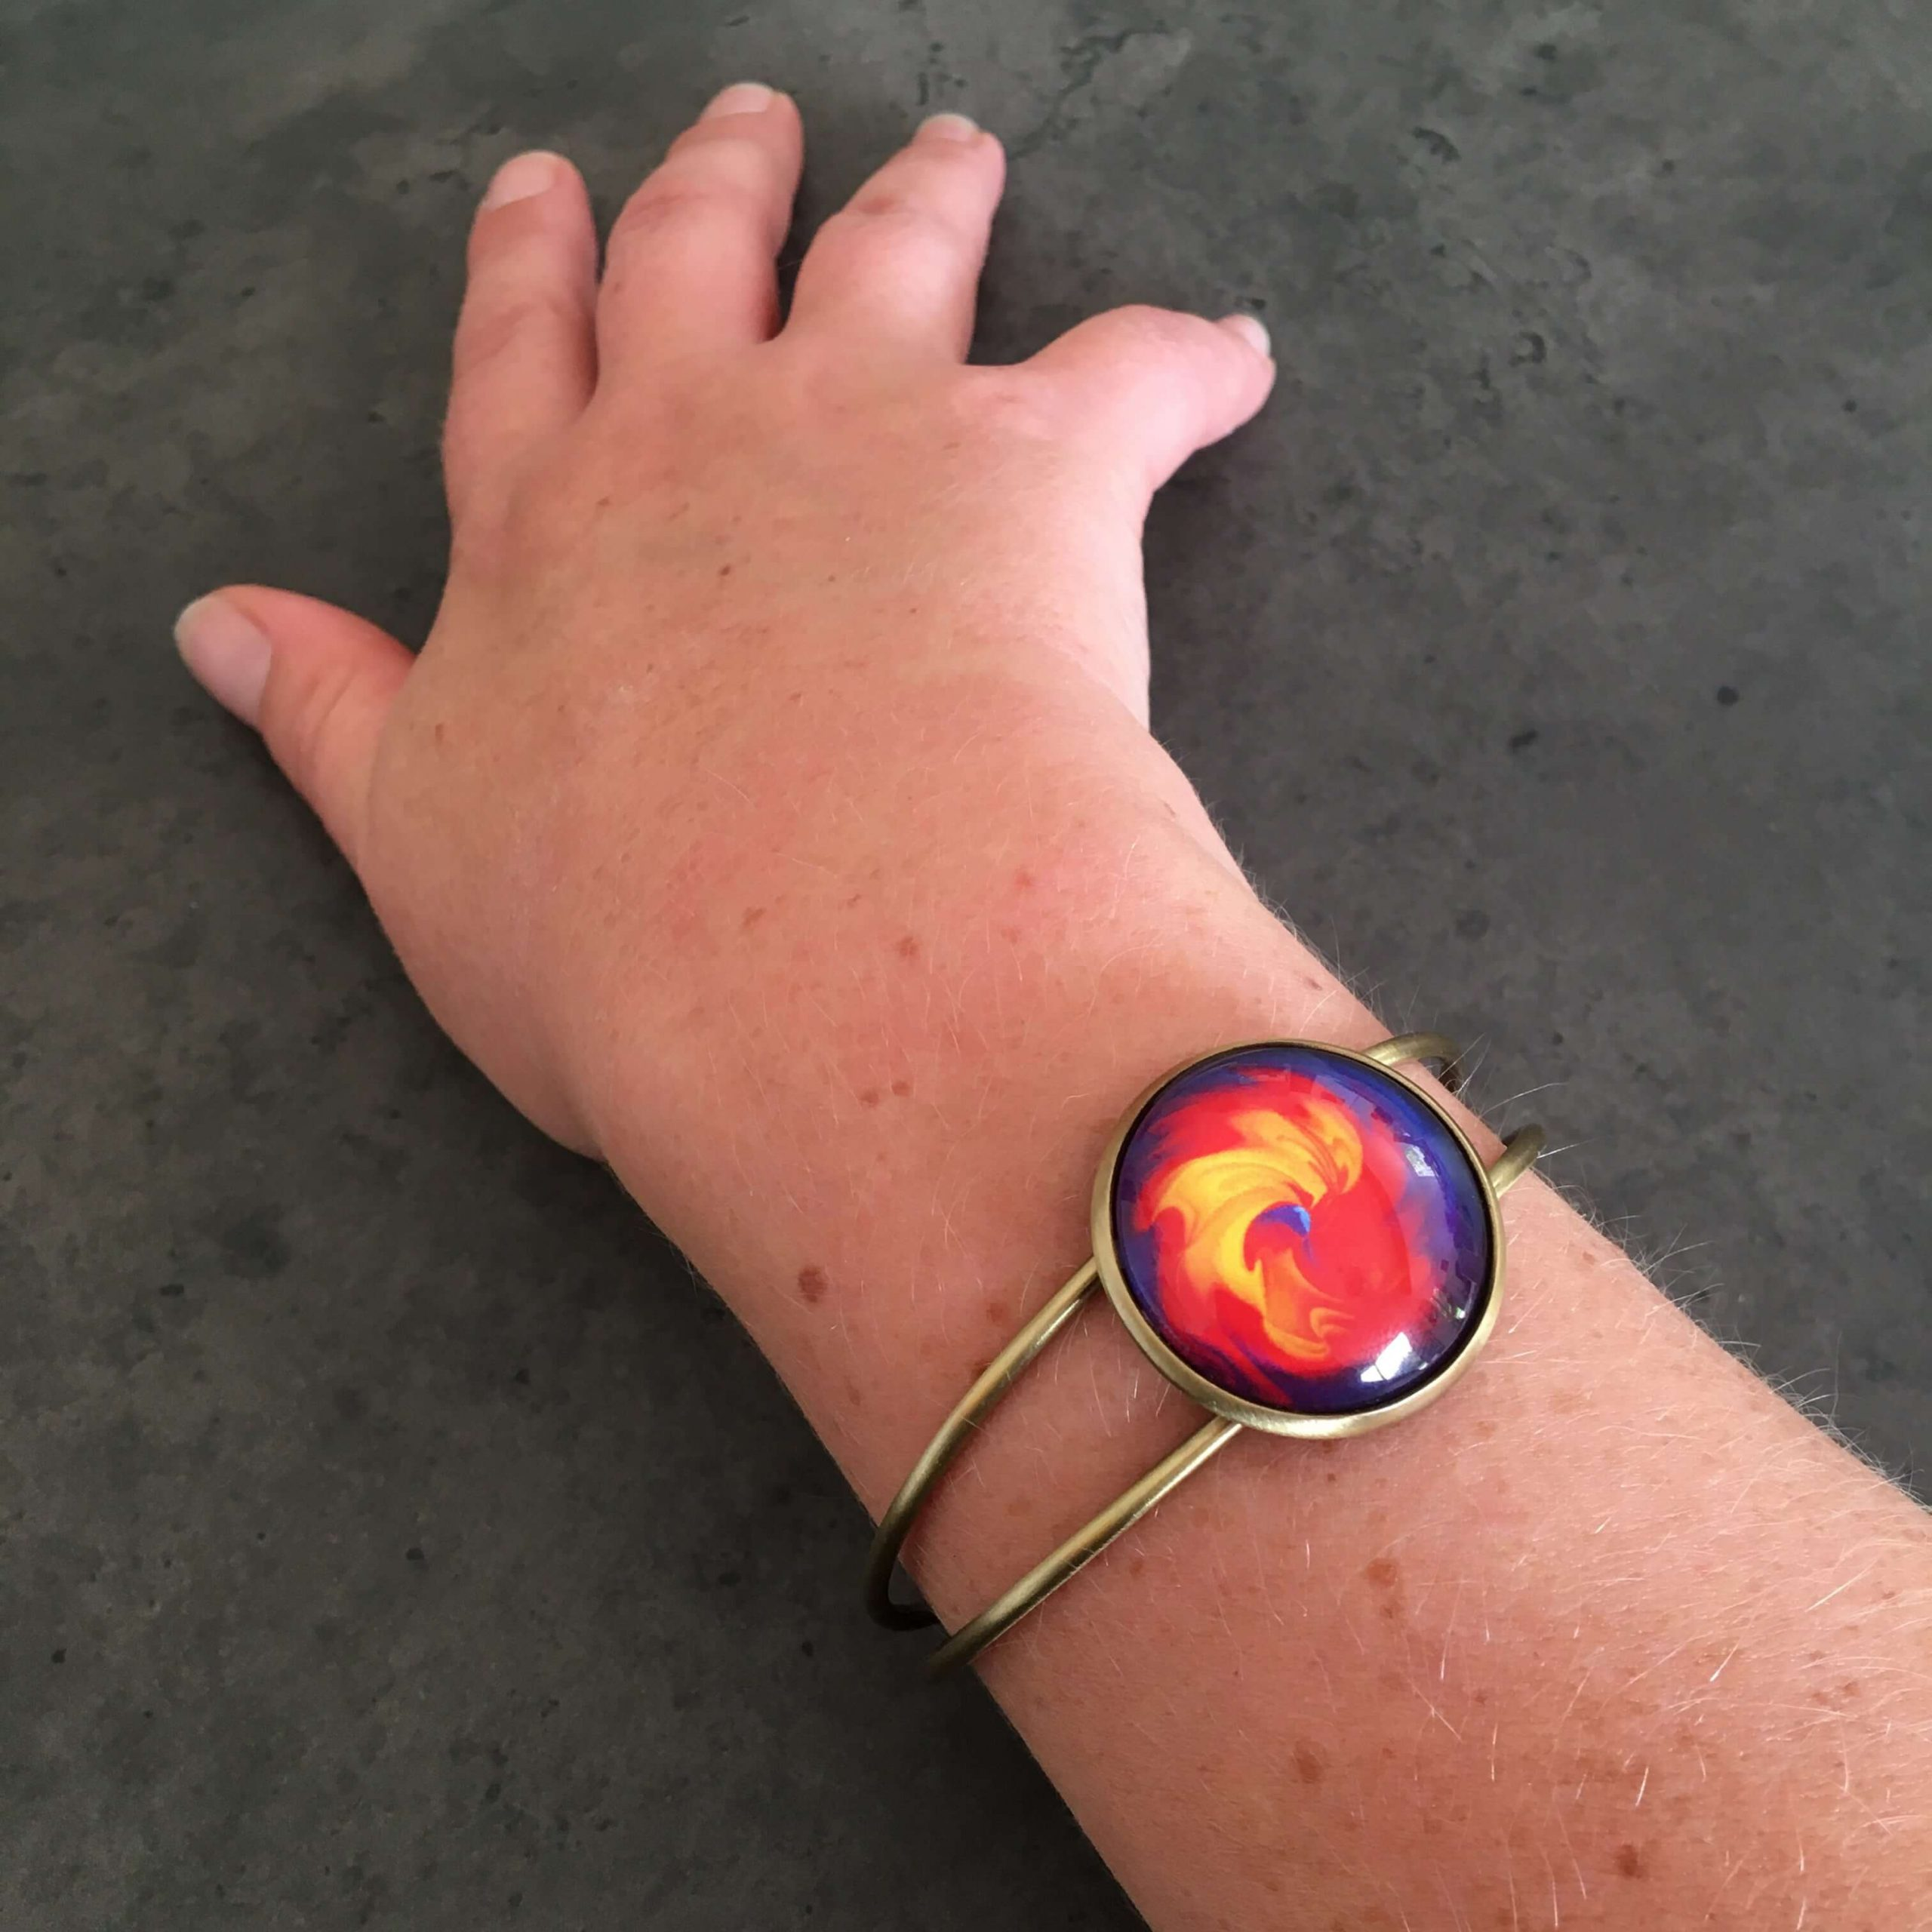 bracelet-bijou-fantaisie-colore-tourbillon-mathematique-geek